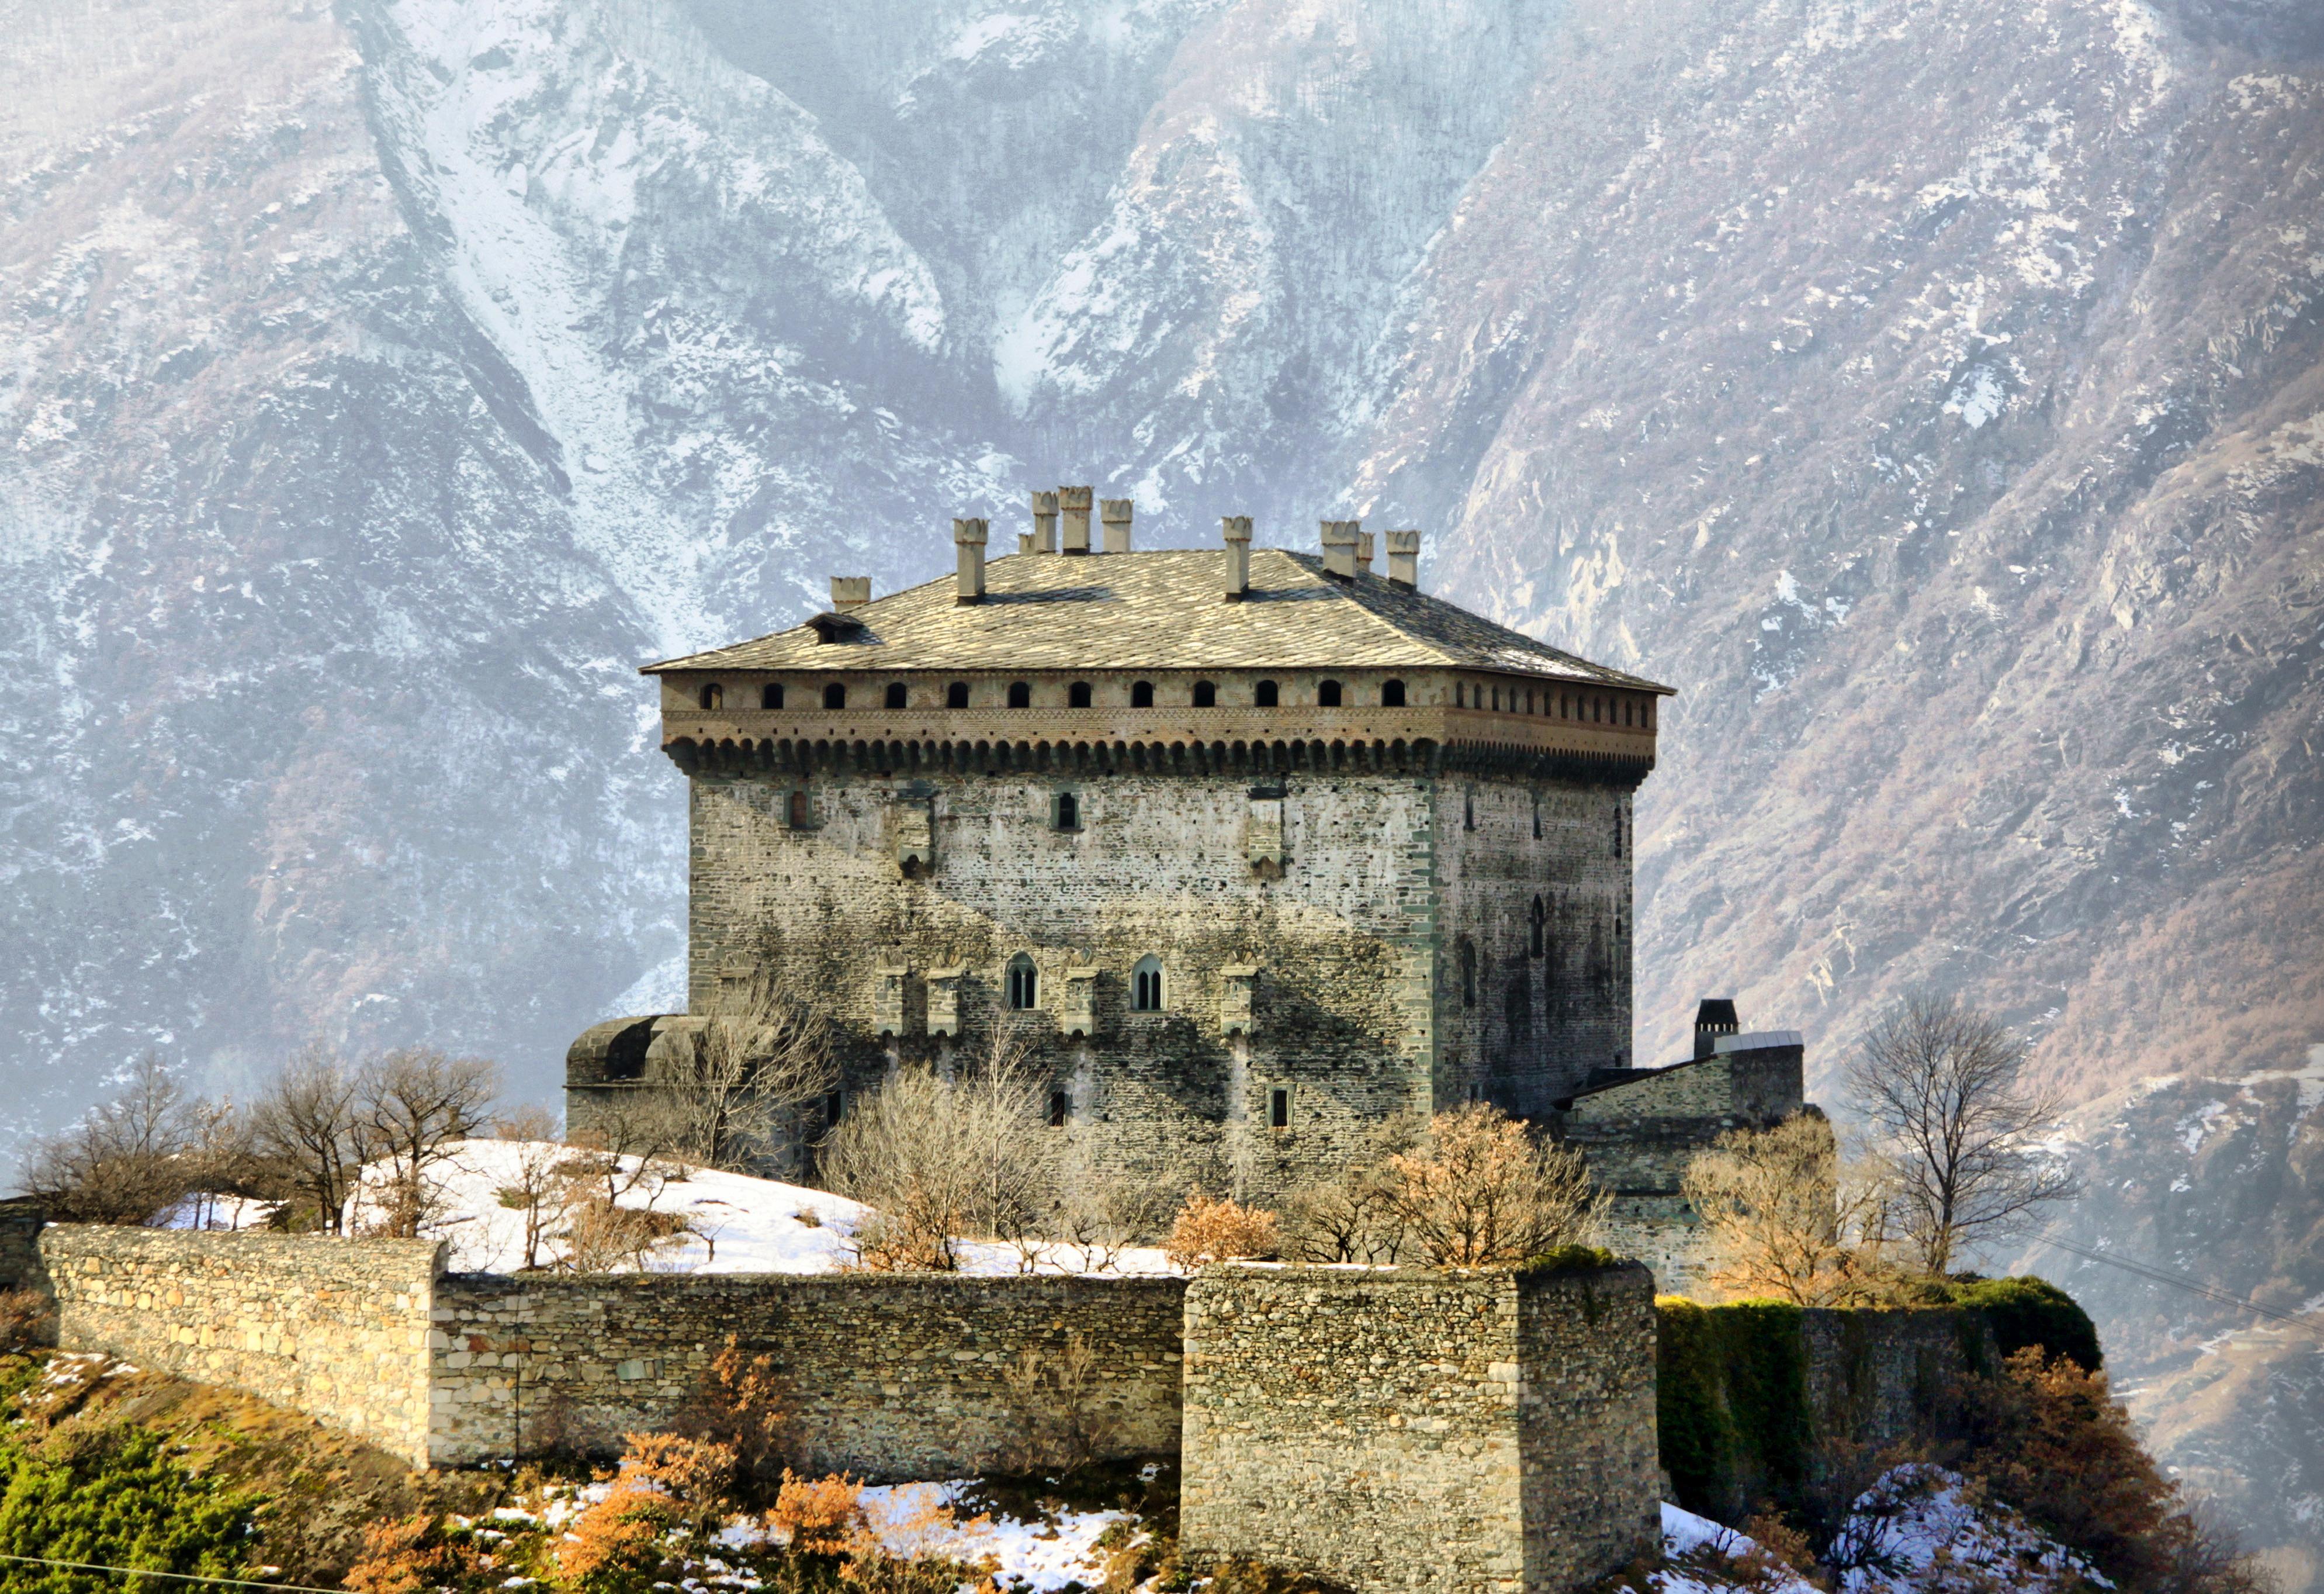 File:Castello di verres 4.jpg - Wikipedia